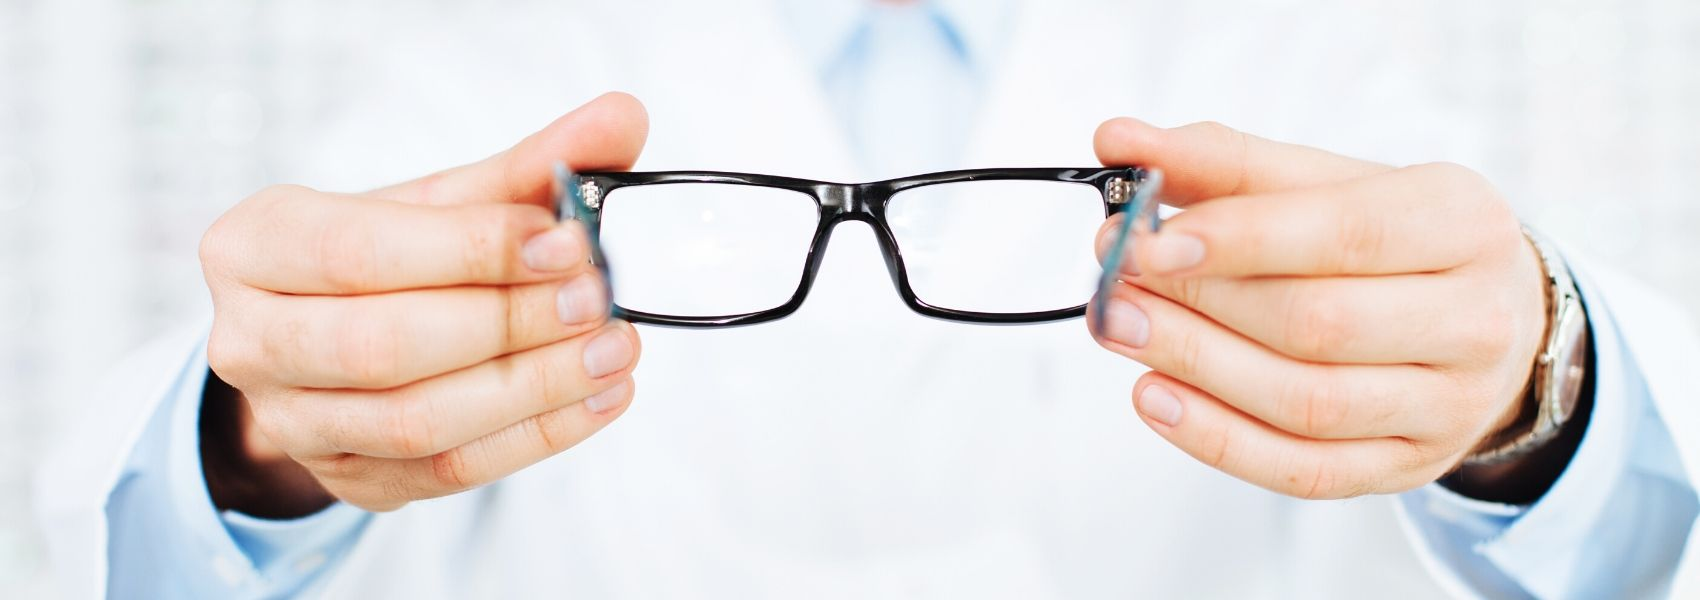 listas de espera em oftalmologia